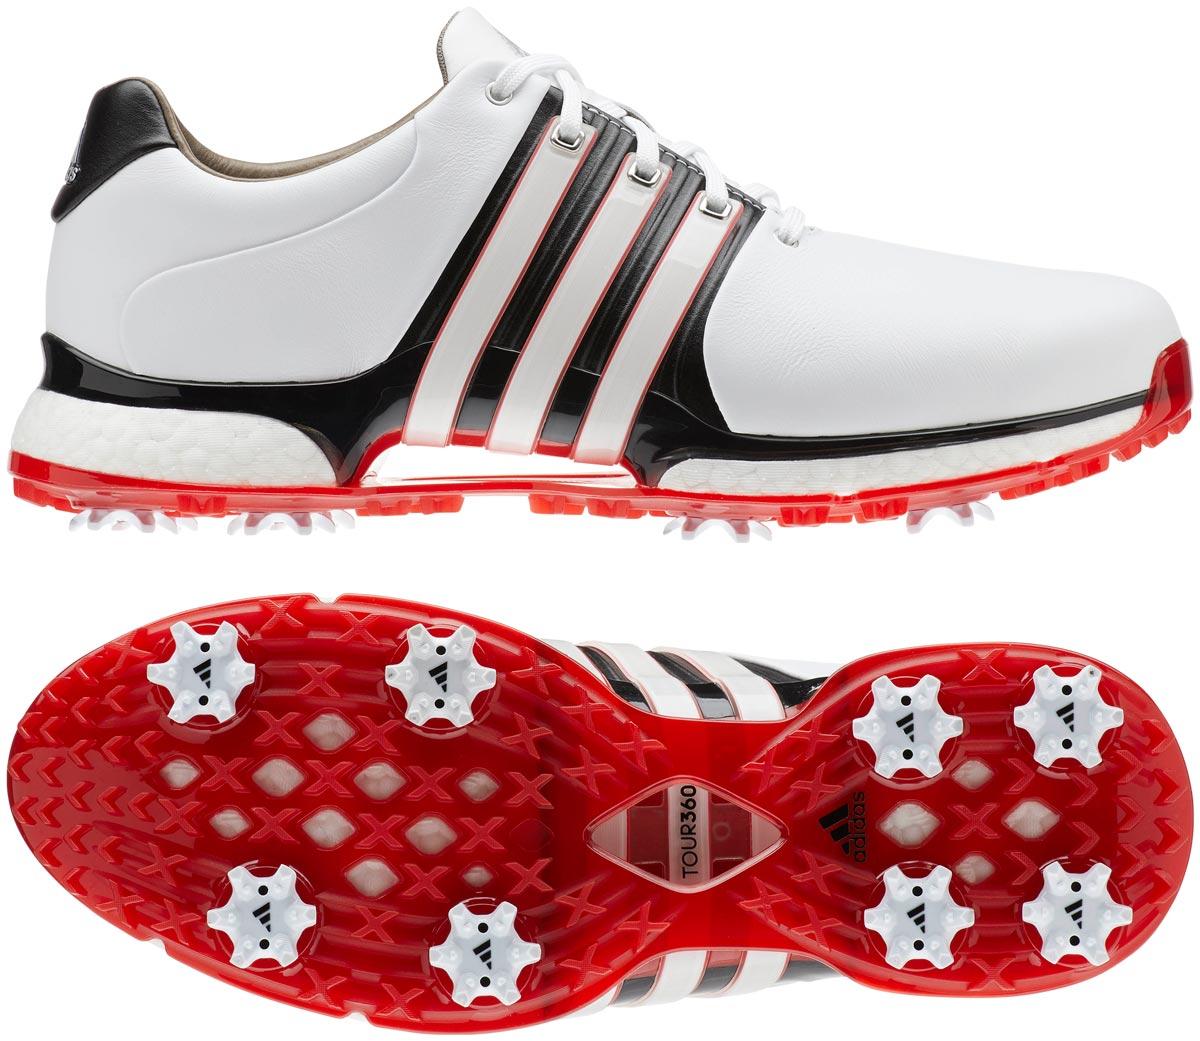 arriving various colors outlet store sale Adidas Tour 360 XT Golf Shoes - ON SALE